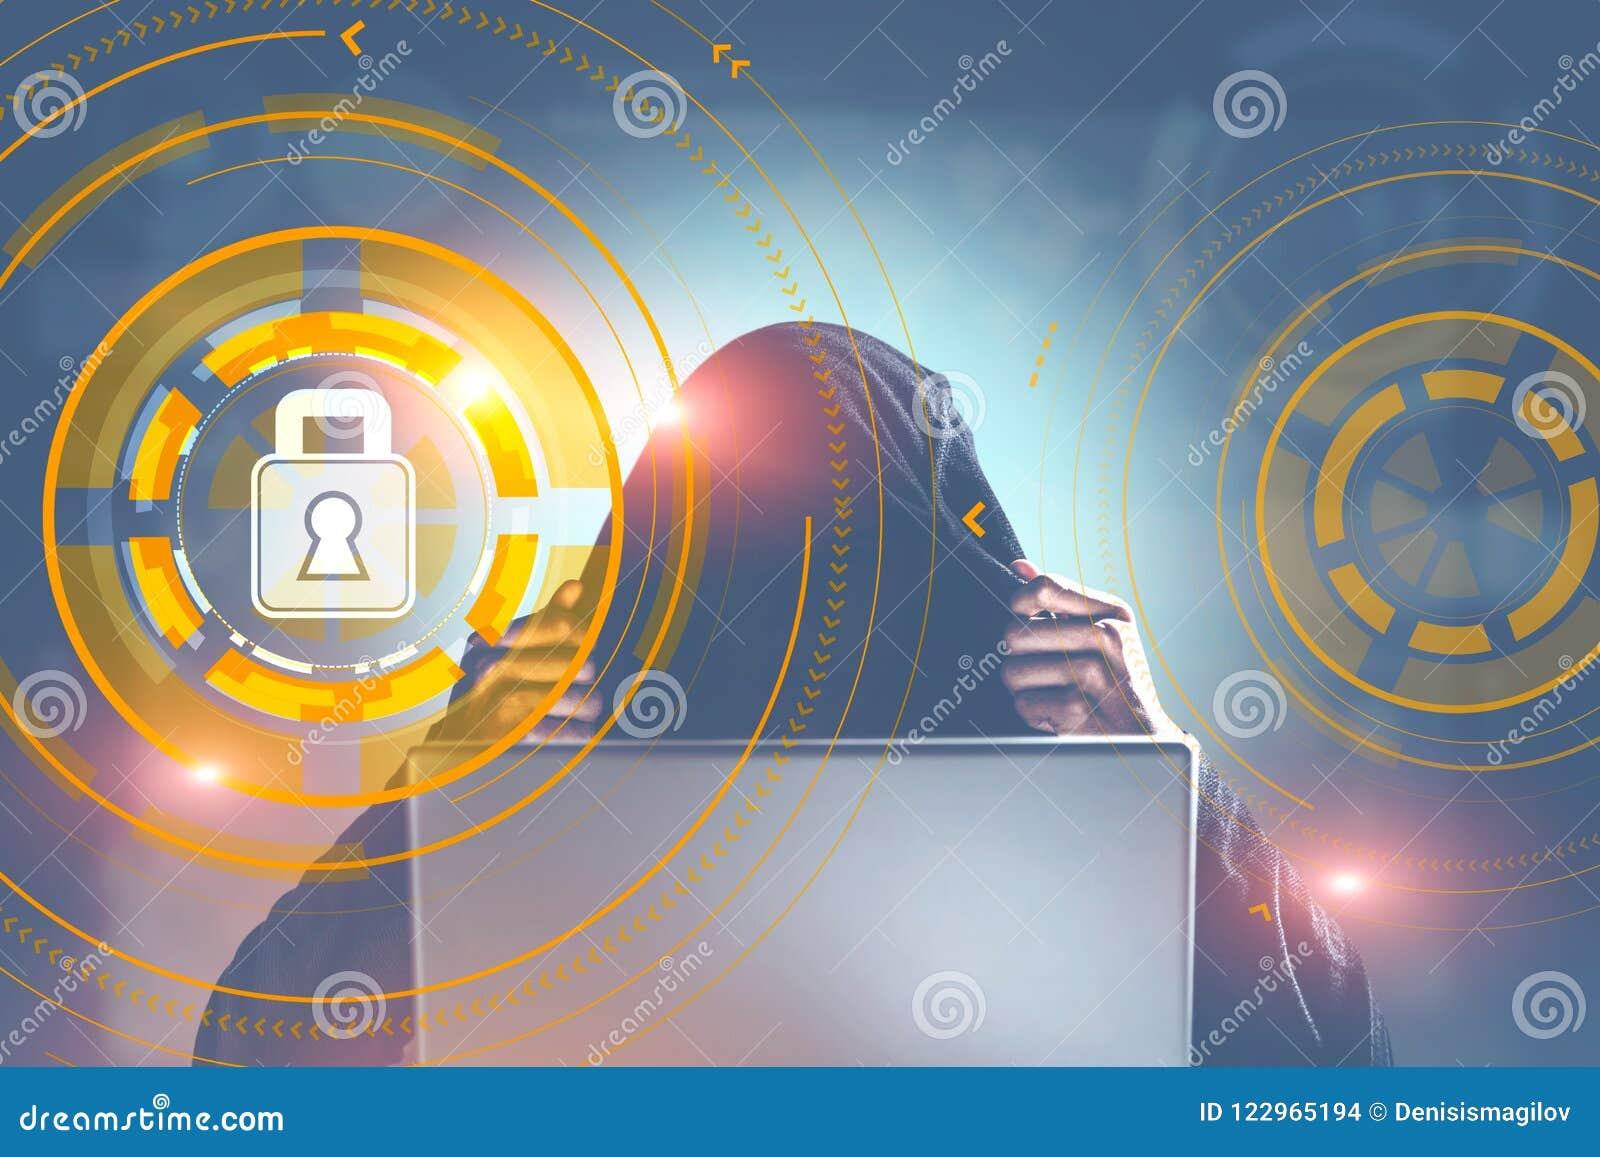 Hakker in een stad, cyber de interface van het veiligheidshangslot